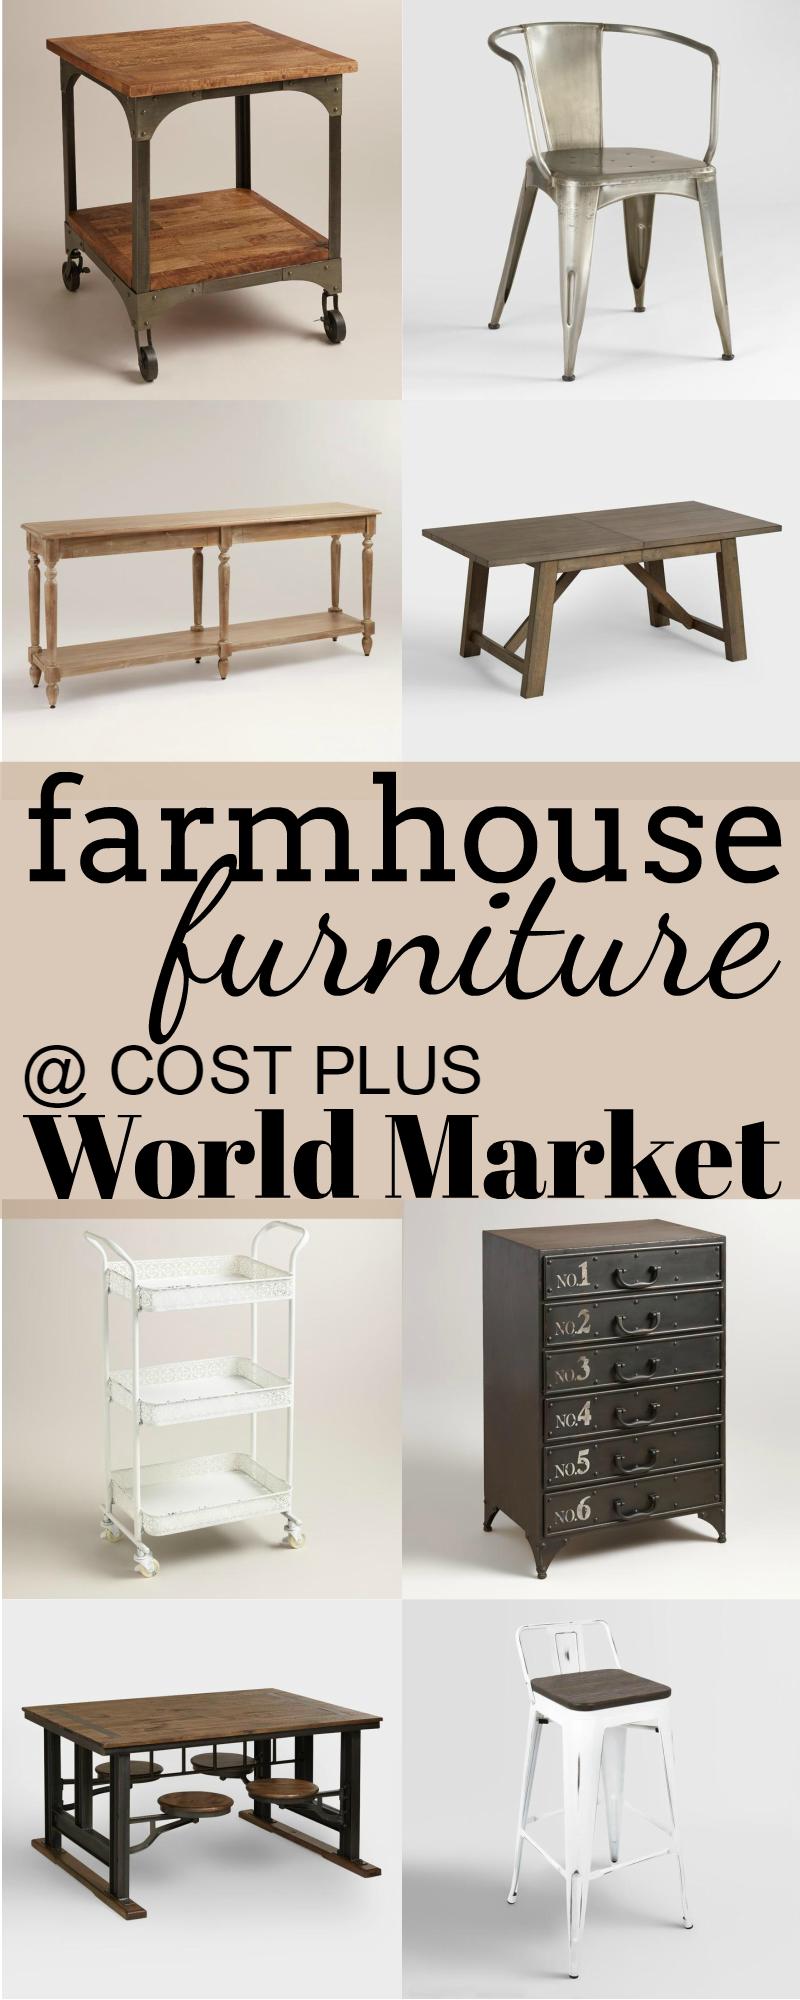 Single Post Farmhouse Furniture Farmhouse Furniture Plans Farmhouse Style Living Room